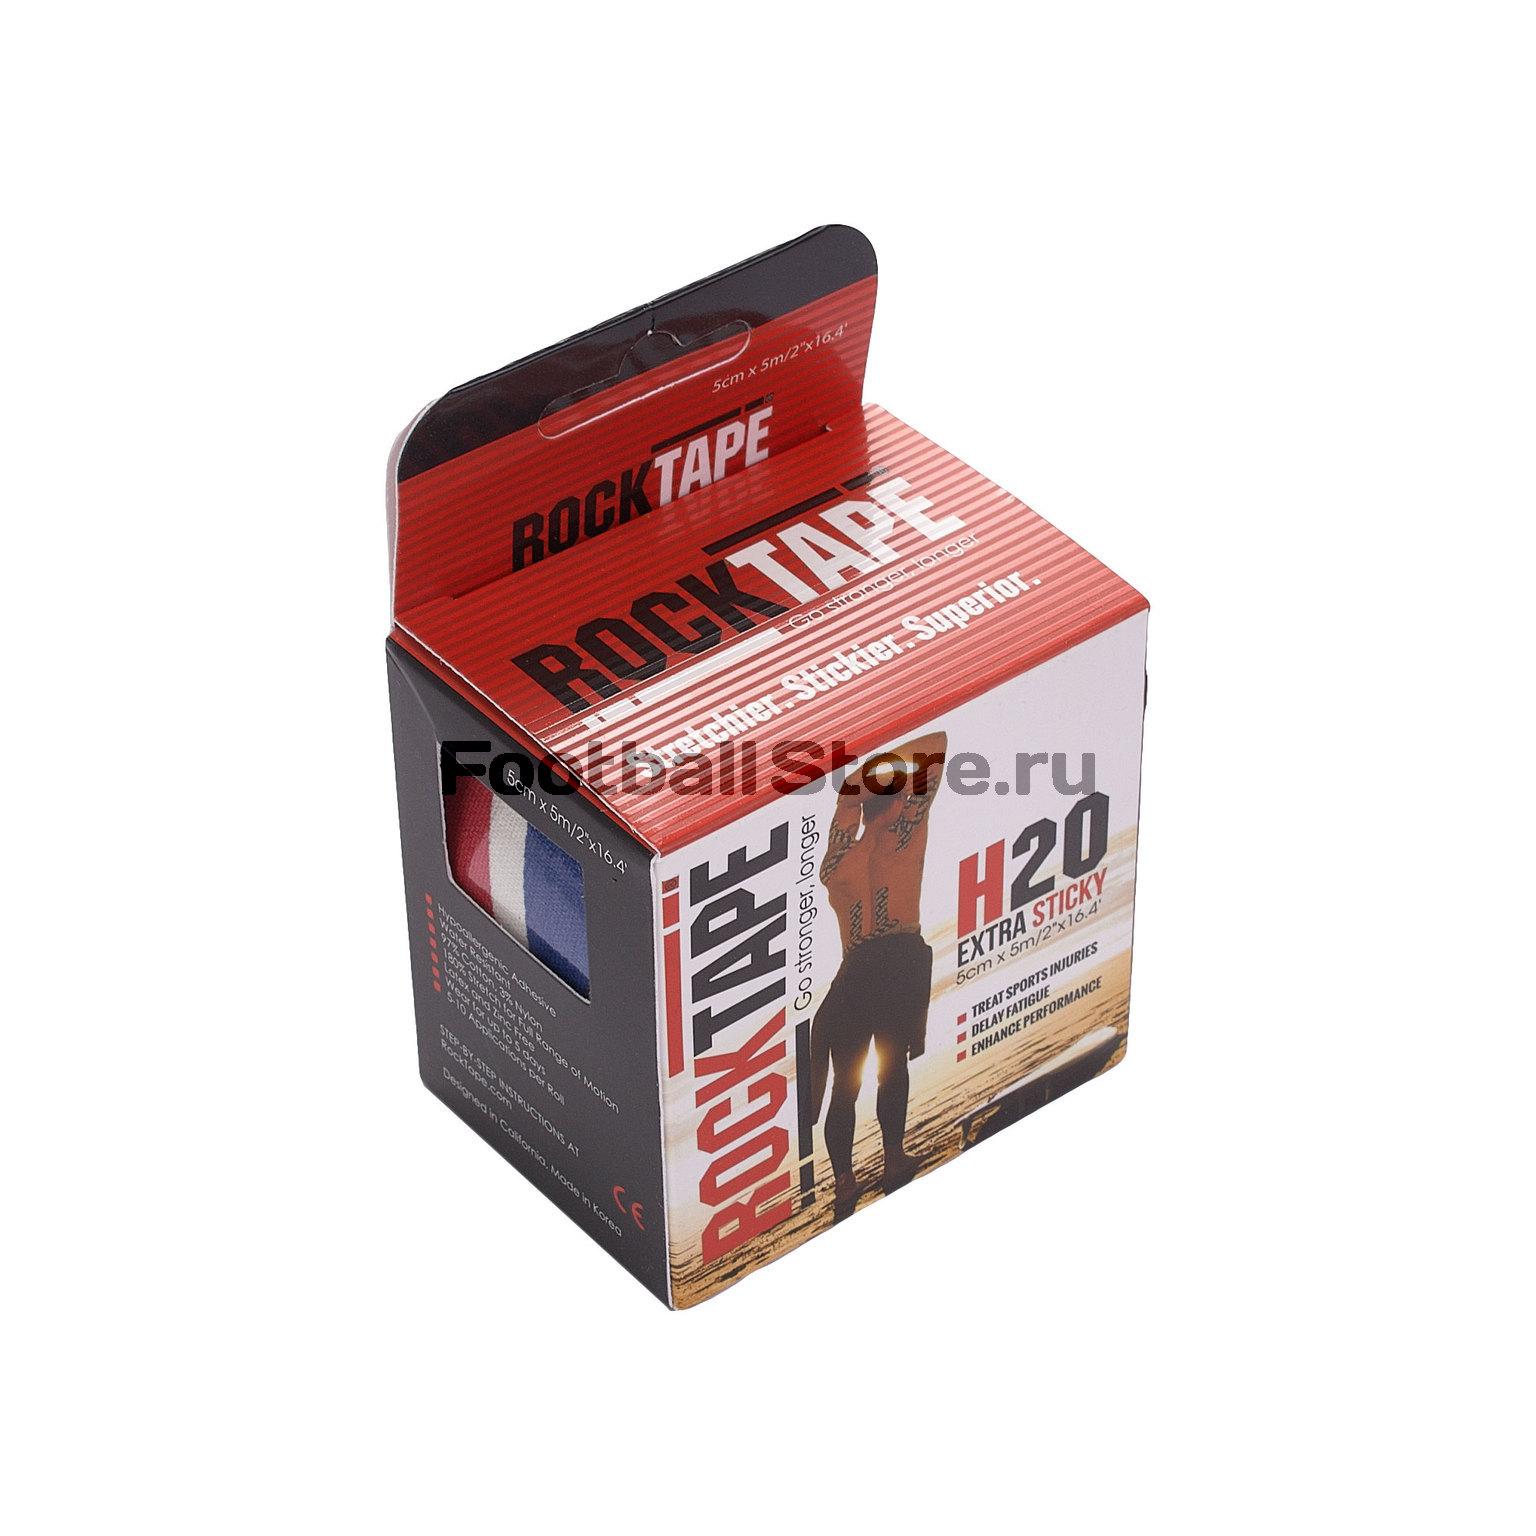 Тейп RockTape Кинезиотейп H2O RCT100-UKH2O-OS